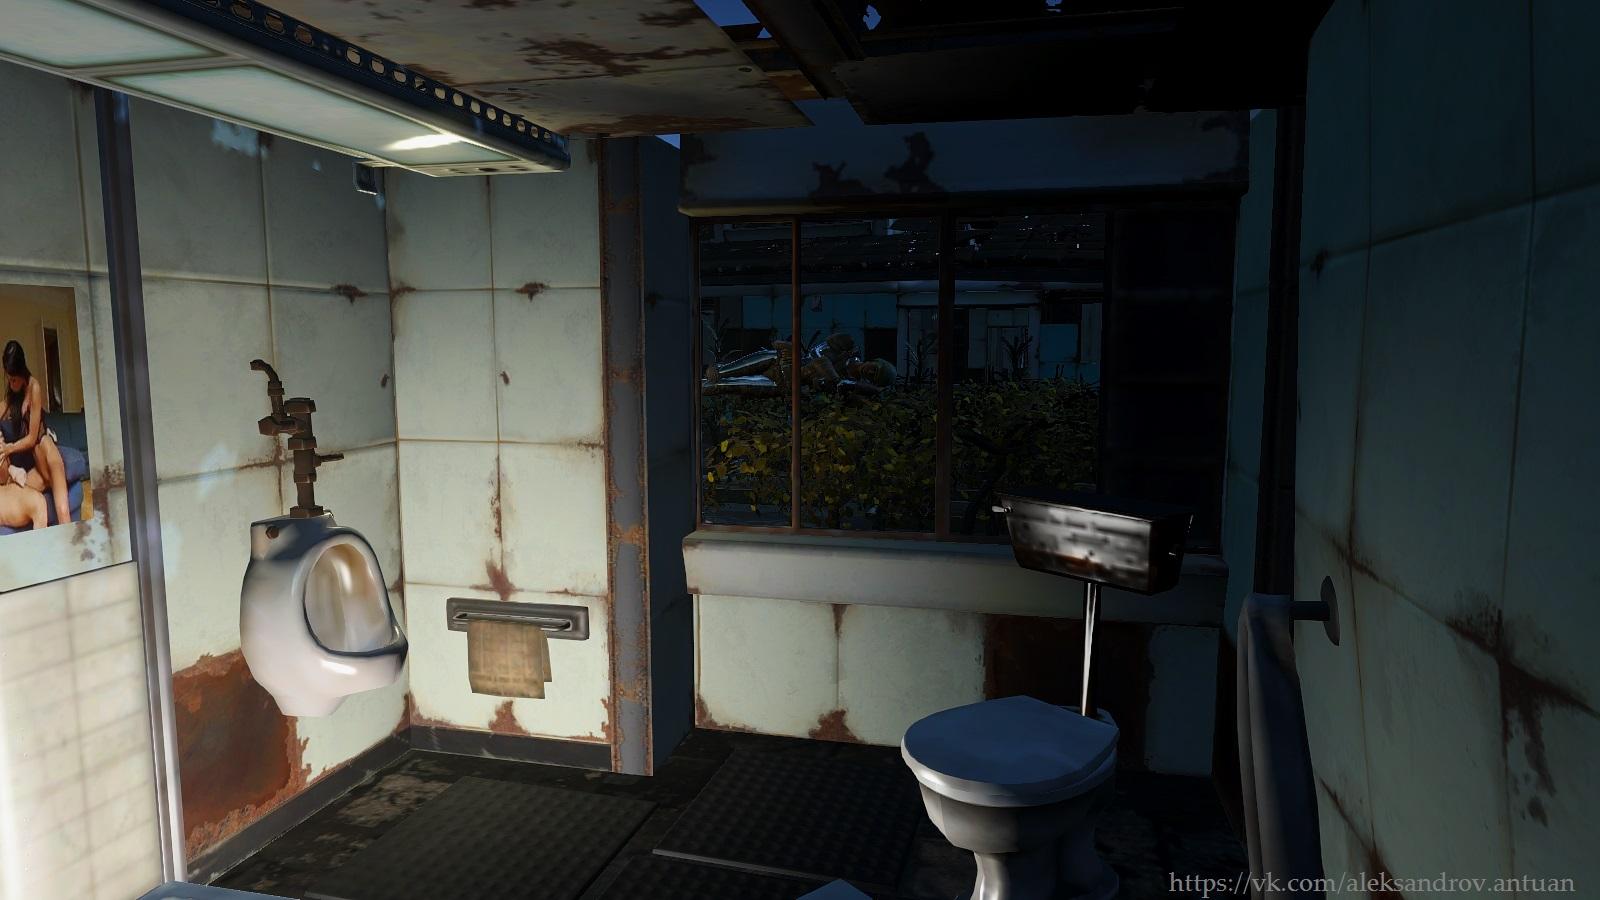 ... а за окном, парила женщина. Парила спя. - Fallout 4 CWSS redux, Уэст-Эверетт